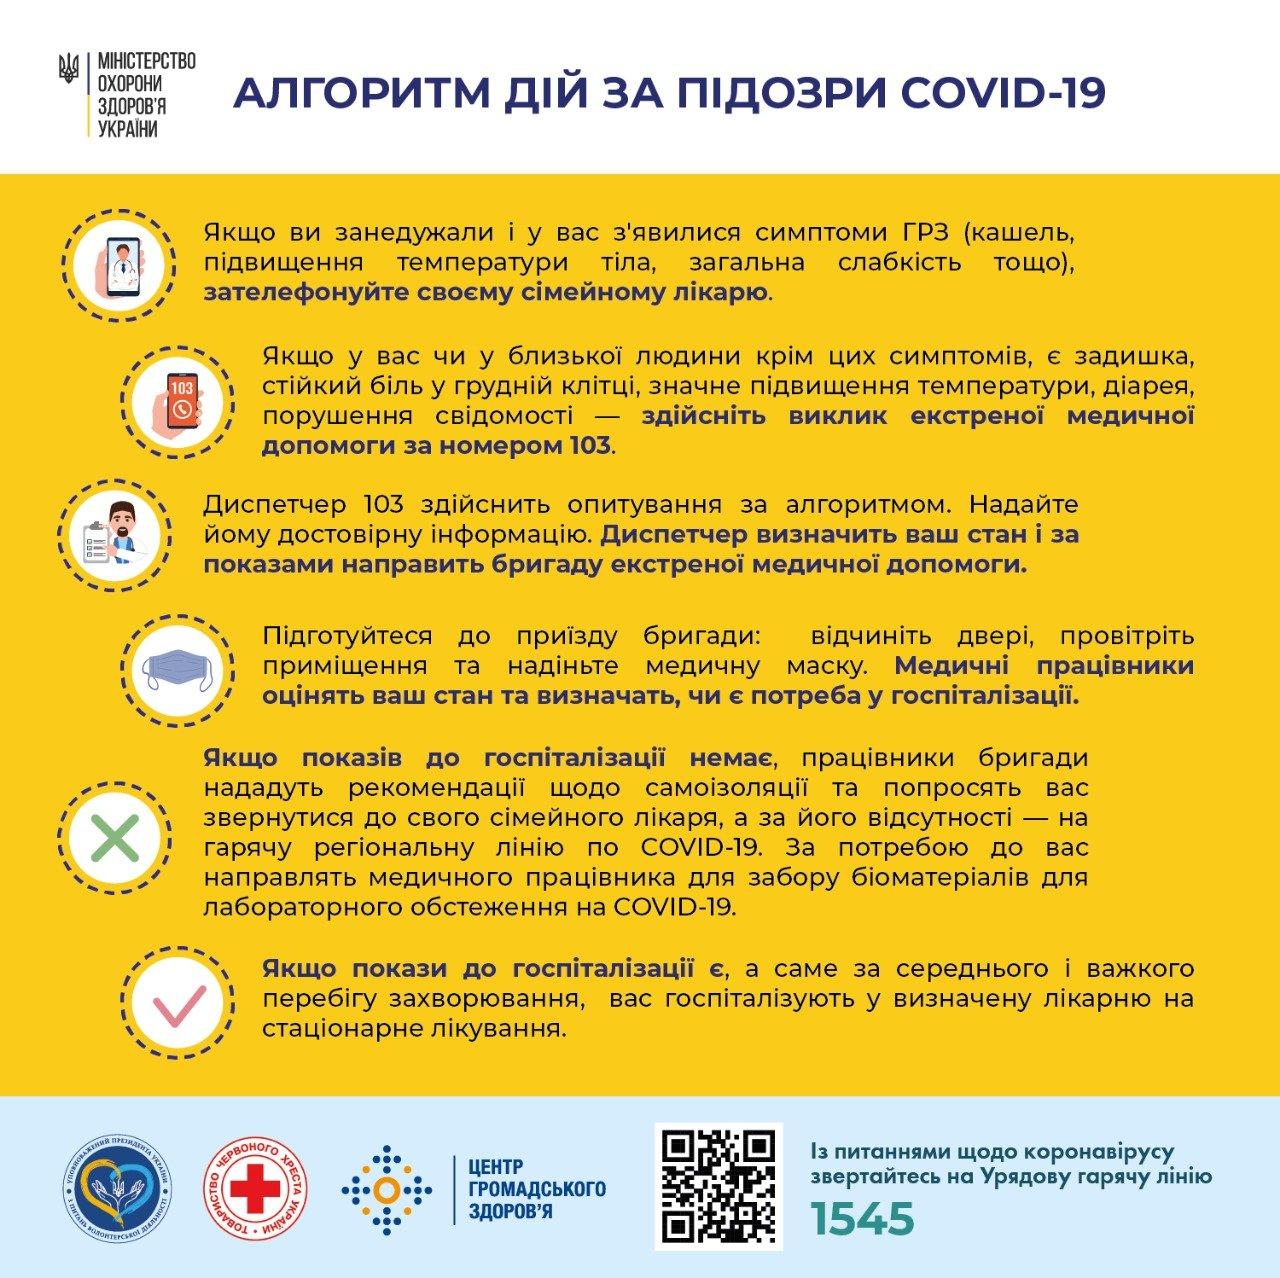 Коронавирус в Киеве: в столице стремительно растет количество заболевших COVID-19, фото-1